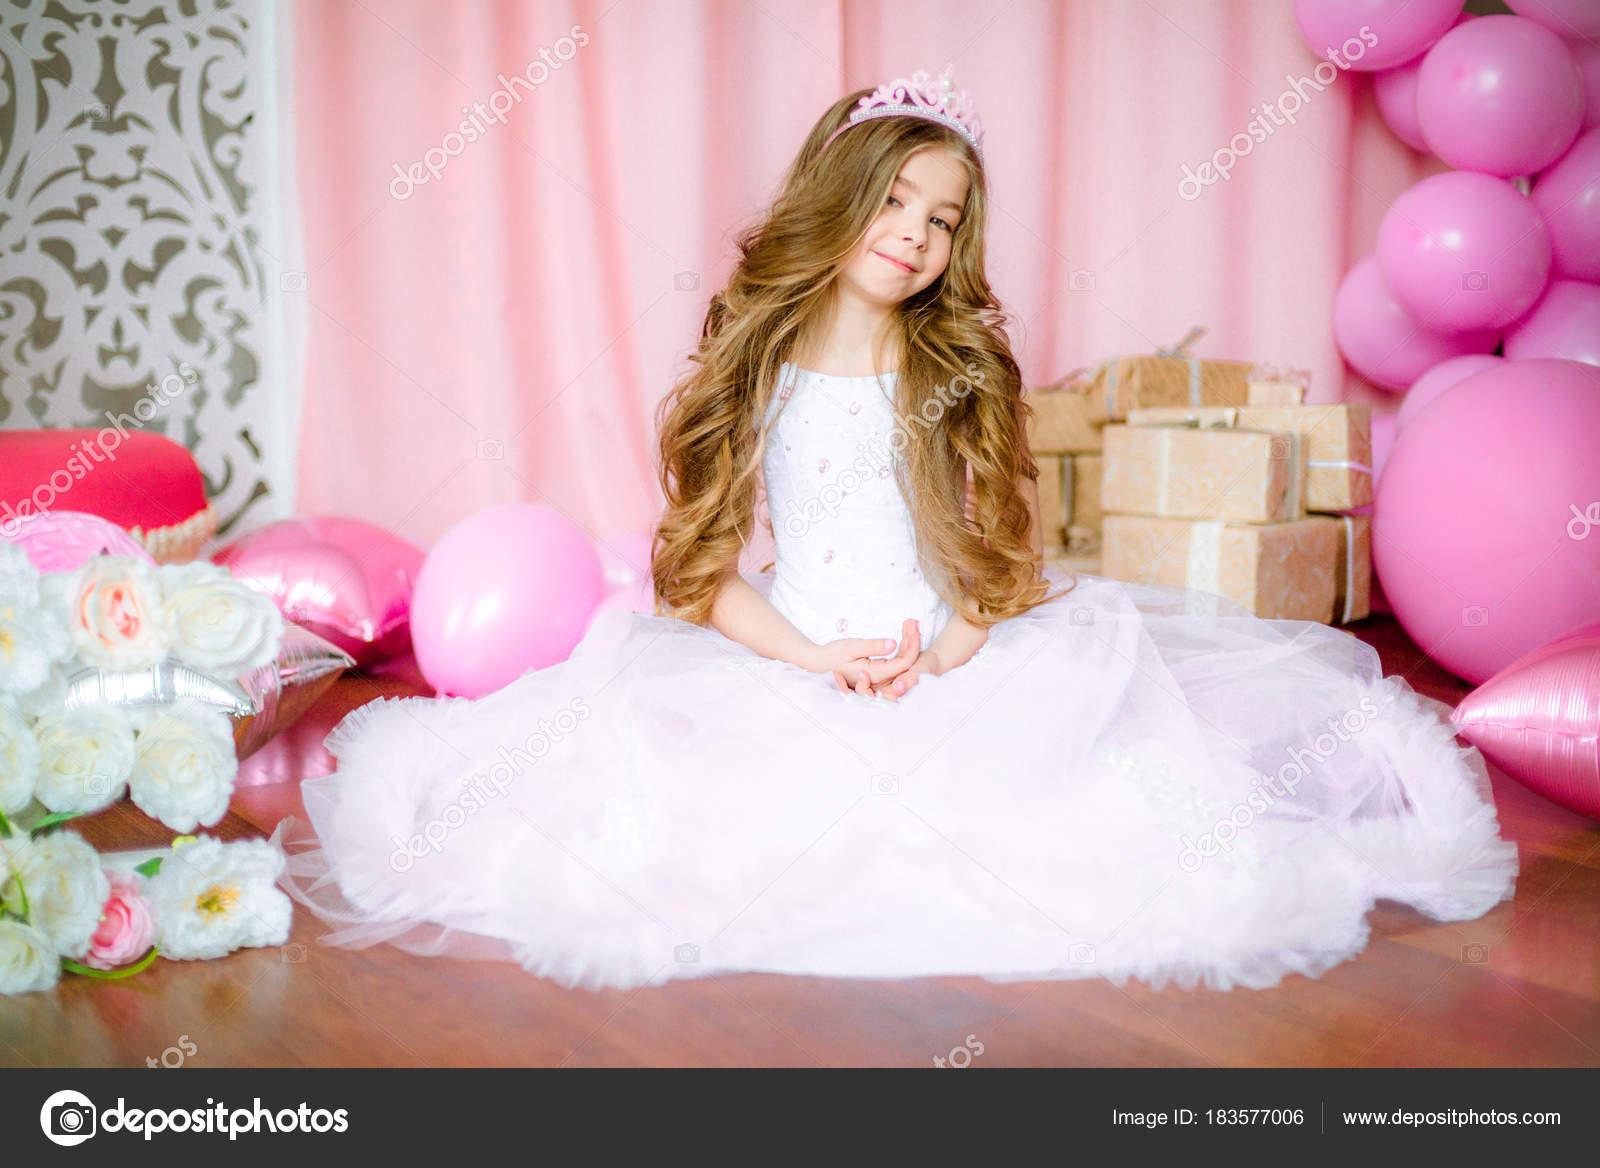 Chica Con Pelo Largo Rubio Luz Rosa Vestido Una Princesa — Foto de ...